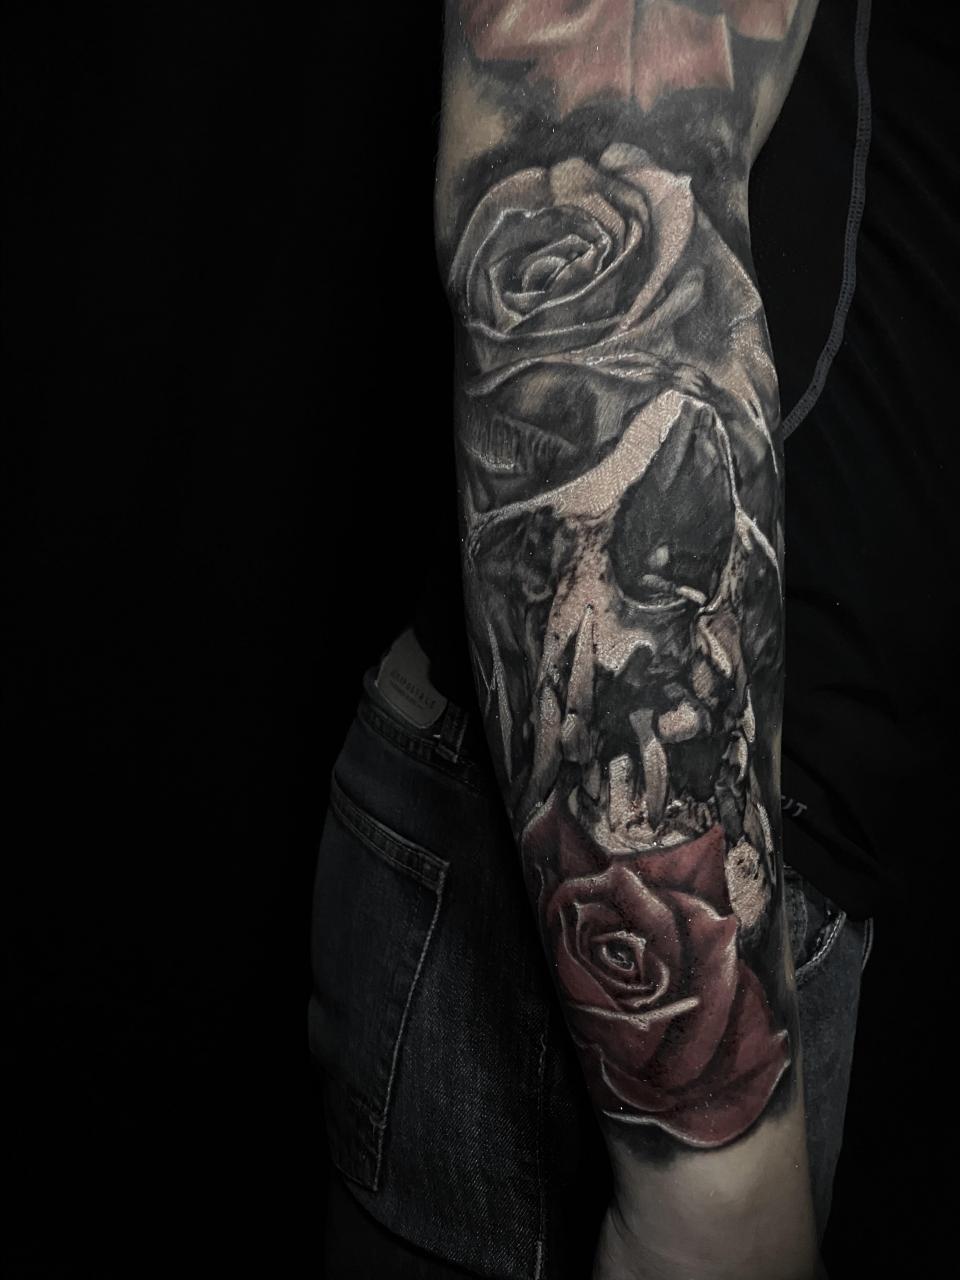 @Jorgelopez.ink